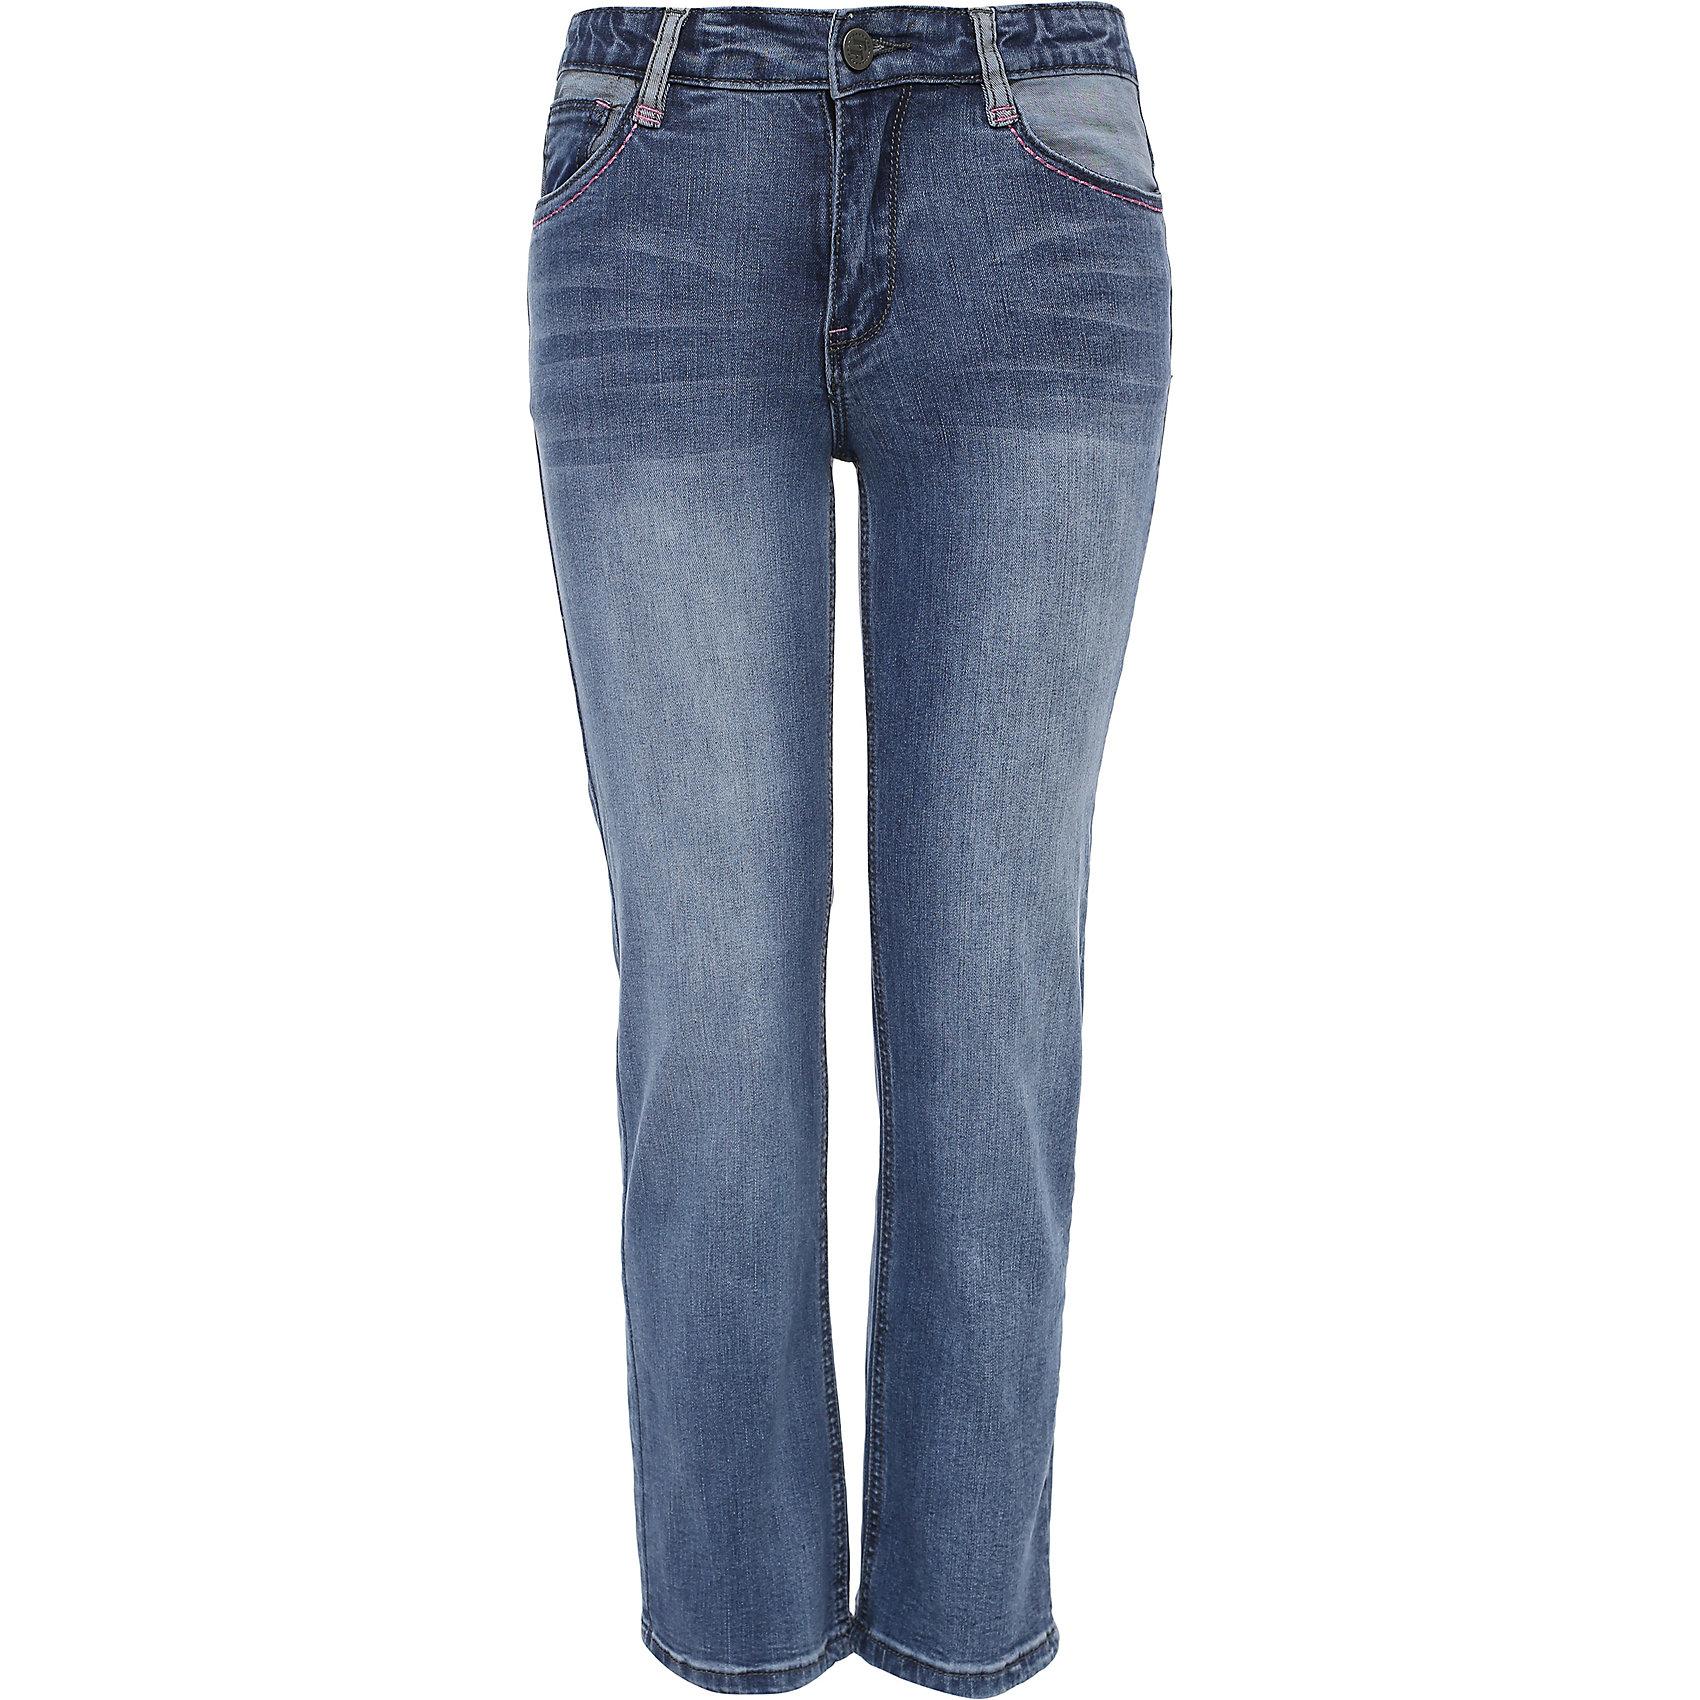 Брюки для девочки Finn FlareБрюки известной марки Finn Flare.<br><br>Узкие брюки для девочки стилизованы под джинсы, имеют карманы, застегиваются на молнию и пуговицу. Брюки можно подкатить – с окантовкой девочка будет модно выглядеть. Брюки имеют небольшую потертость, подчеркивающую стиль девочки. <br><br>Фактура материала: Деним<br>Вид застежки: Молния <br>Тип карманов: Втачные<br><br>Состав: 98% хлопок, 2% эластан<br><br>Брюки для девочки Finn Flare можно купить в нашем интернет-магазине.<br><br>Ширина мм: 215<br>Глубина мм: 88<br>Высота мм: 191<br>Вес г: 336<br>Цвет: голубой<br>Возраст от месяцев: 144<br>Возраст до месяцев: 156<br>Пол: Женский<br>Возраст: Детский<br>Размер: 158,122,134,146<br>SKU: 4890093